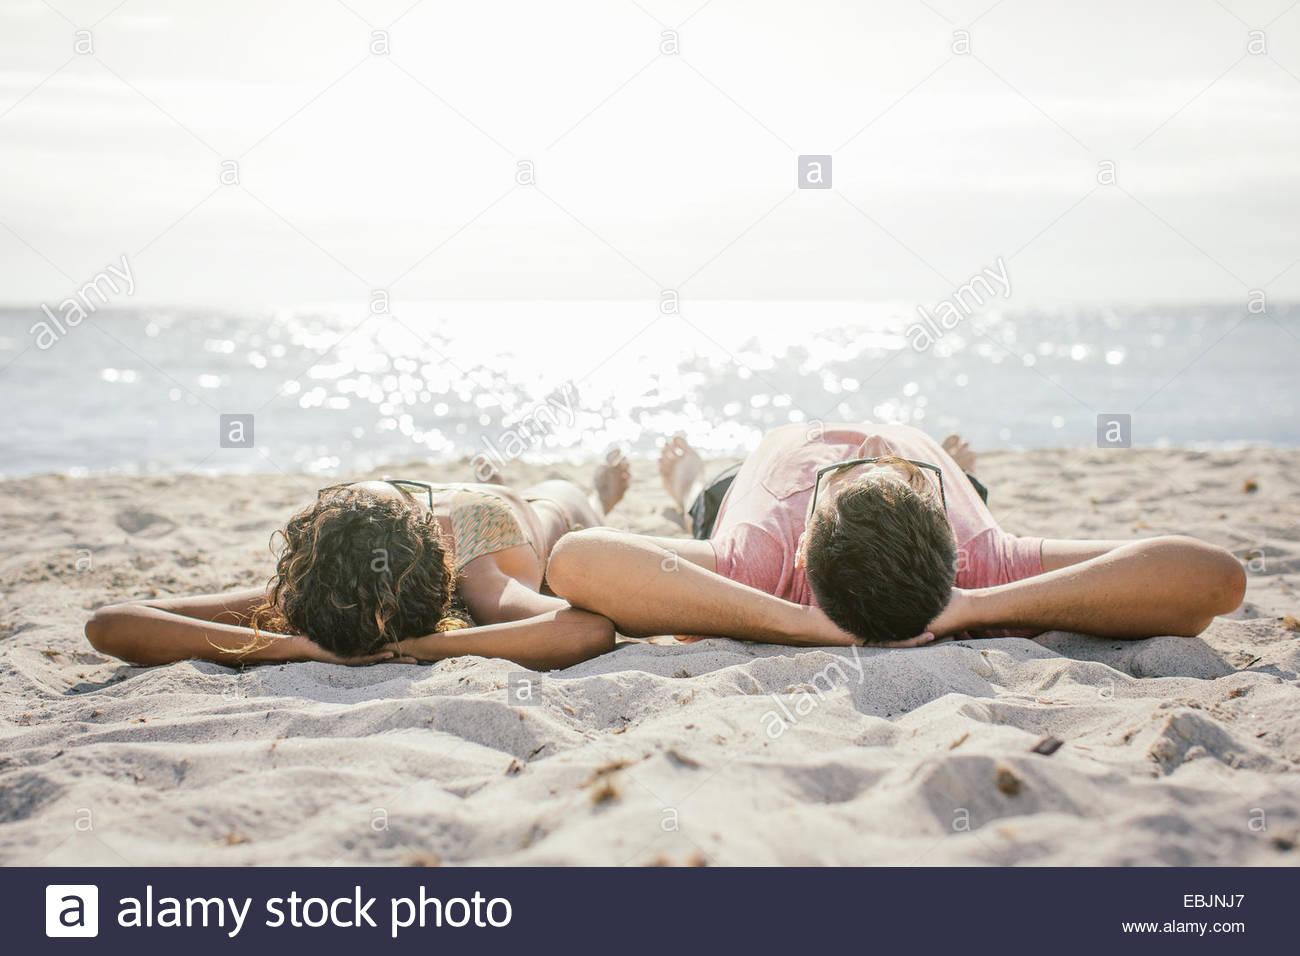 Couple lying on beach sunbathing, Tuscany, Italy - Stock Image